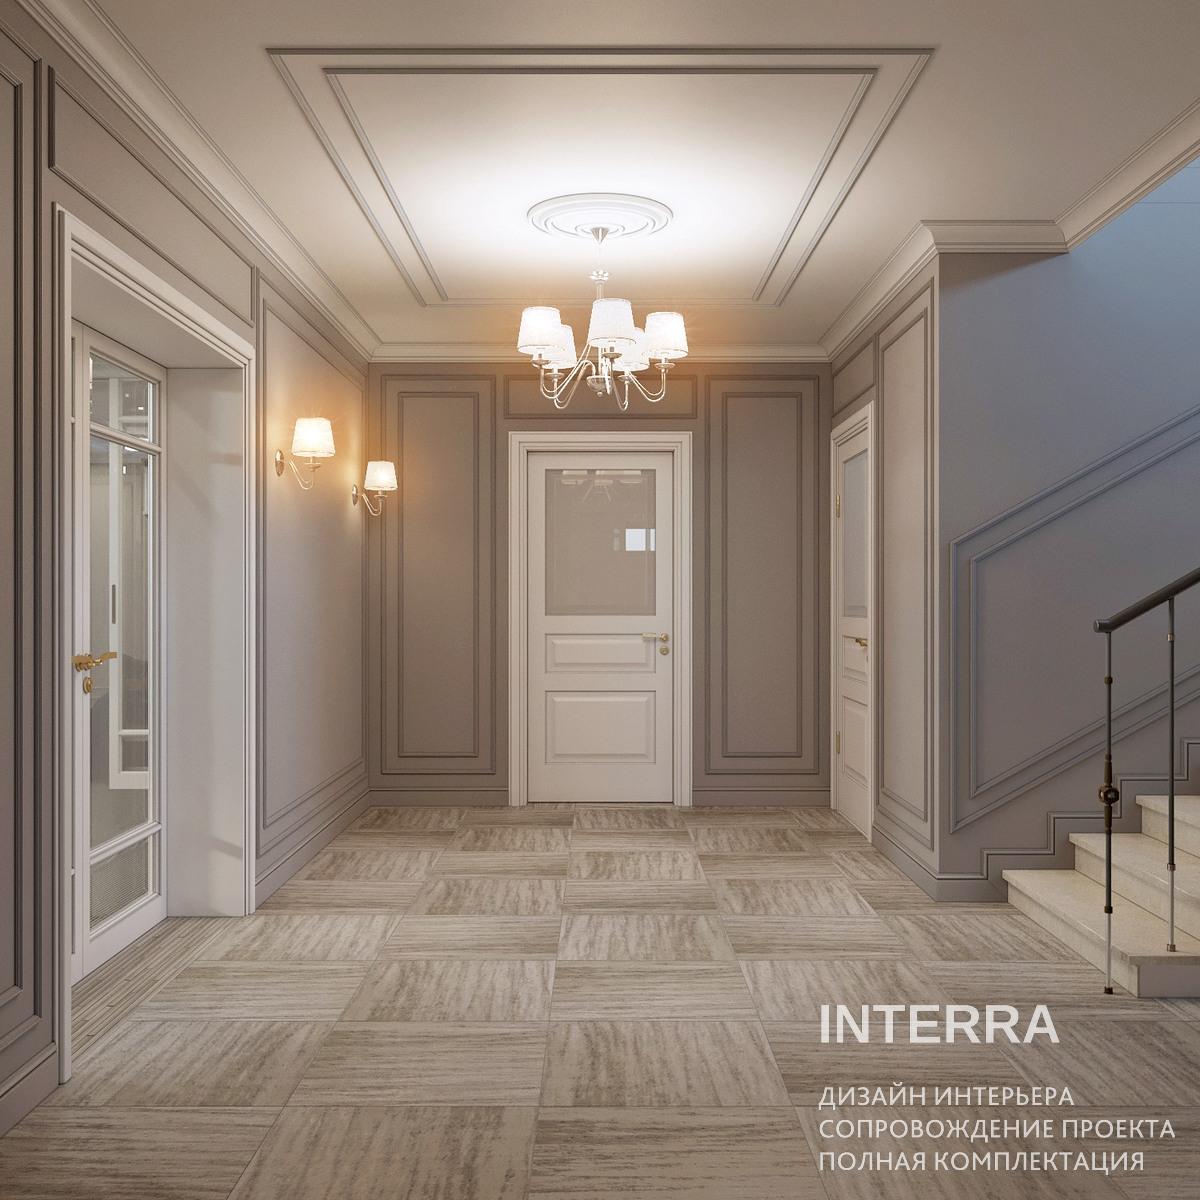 dizajn-interiera-chastnogo_doma_vesninka_2.jpg